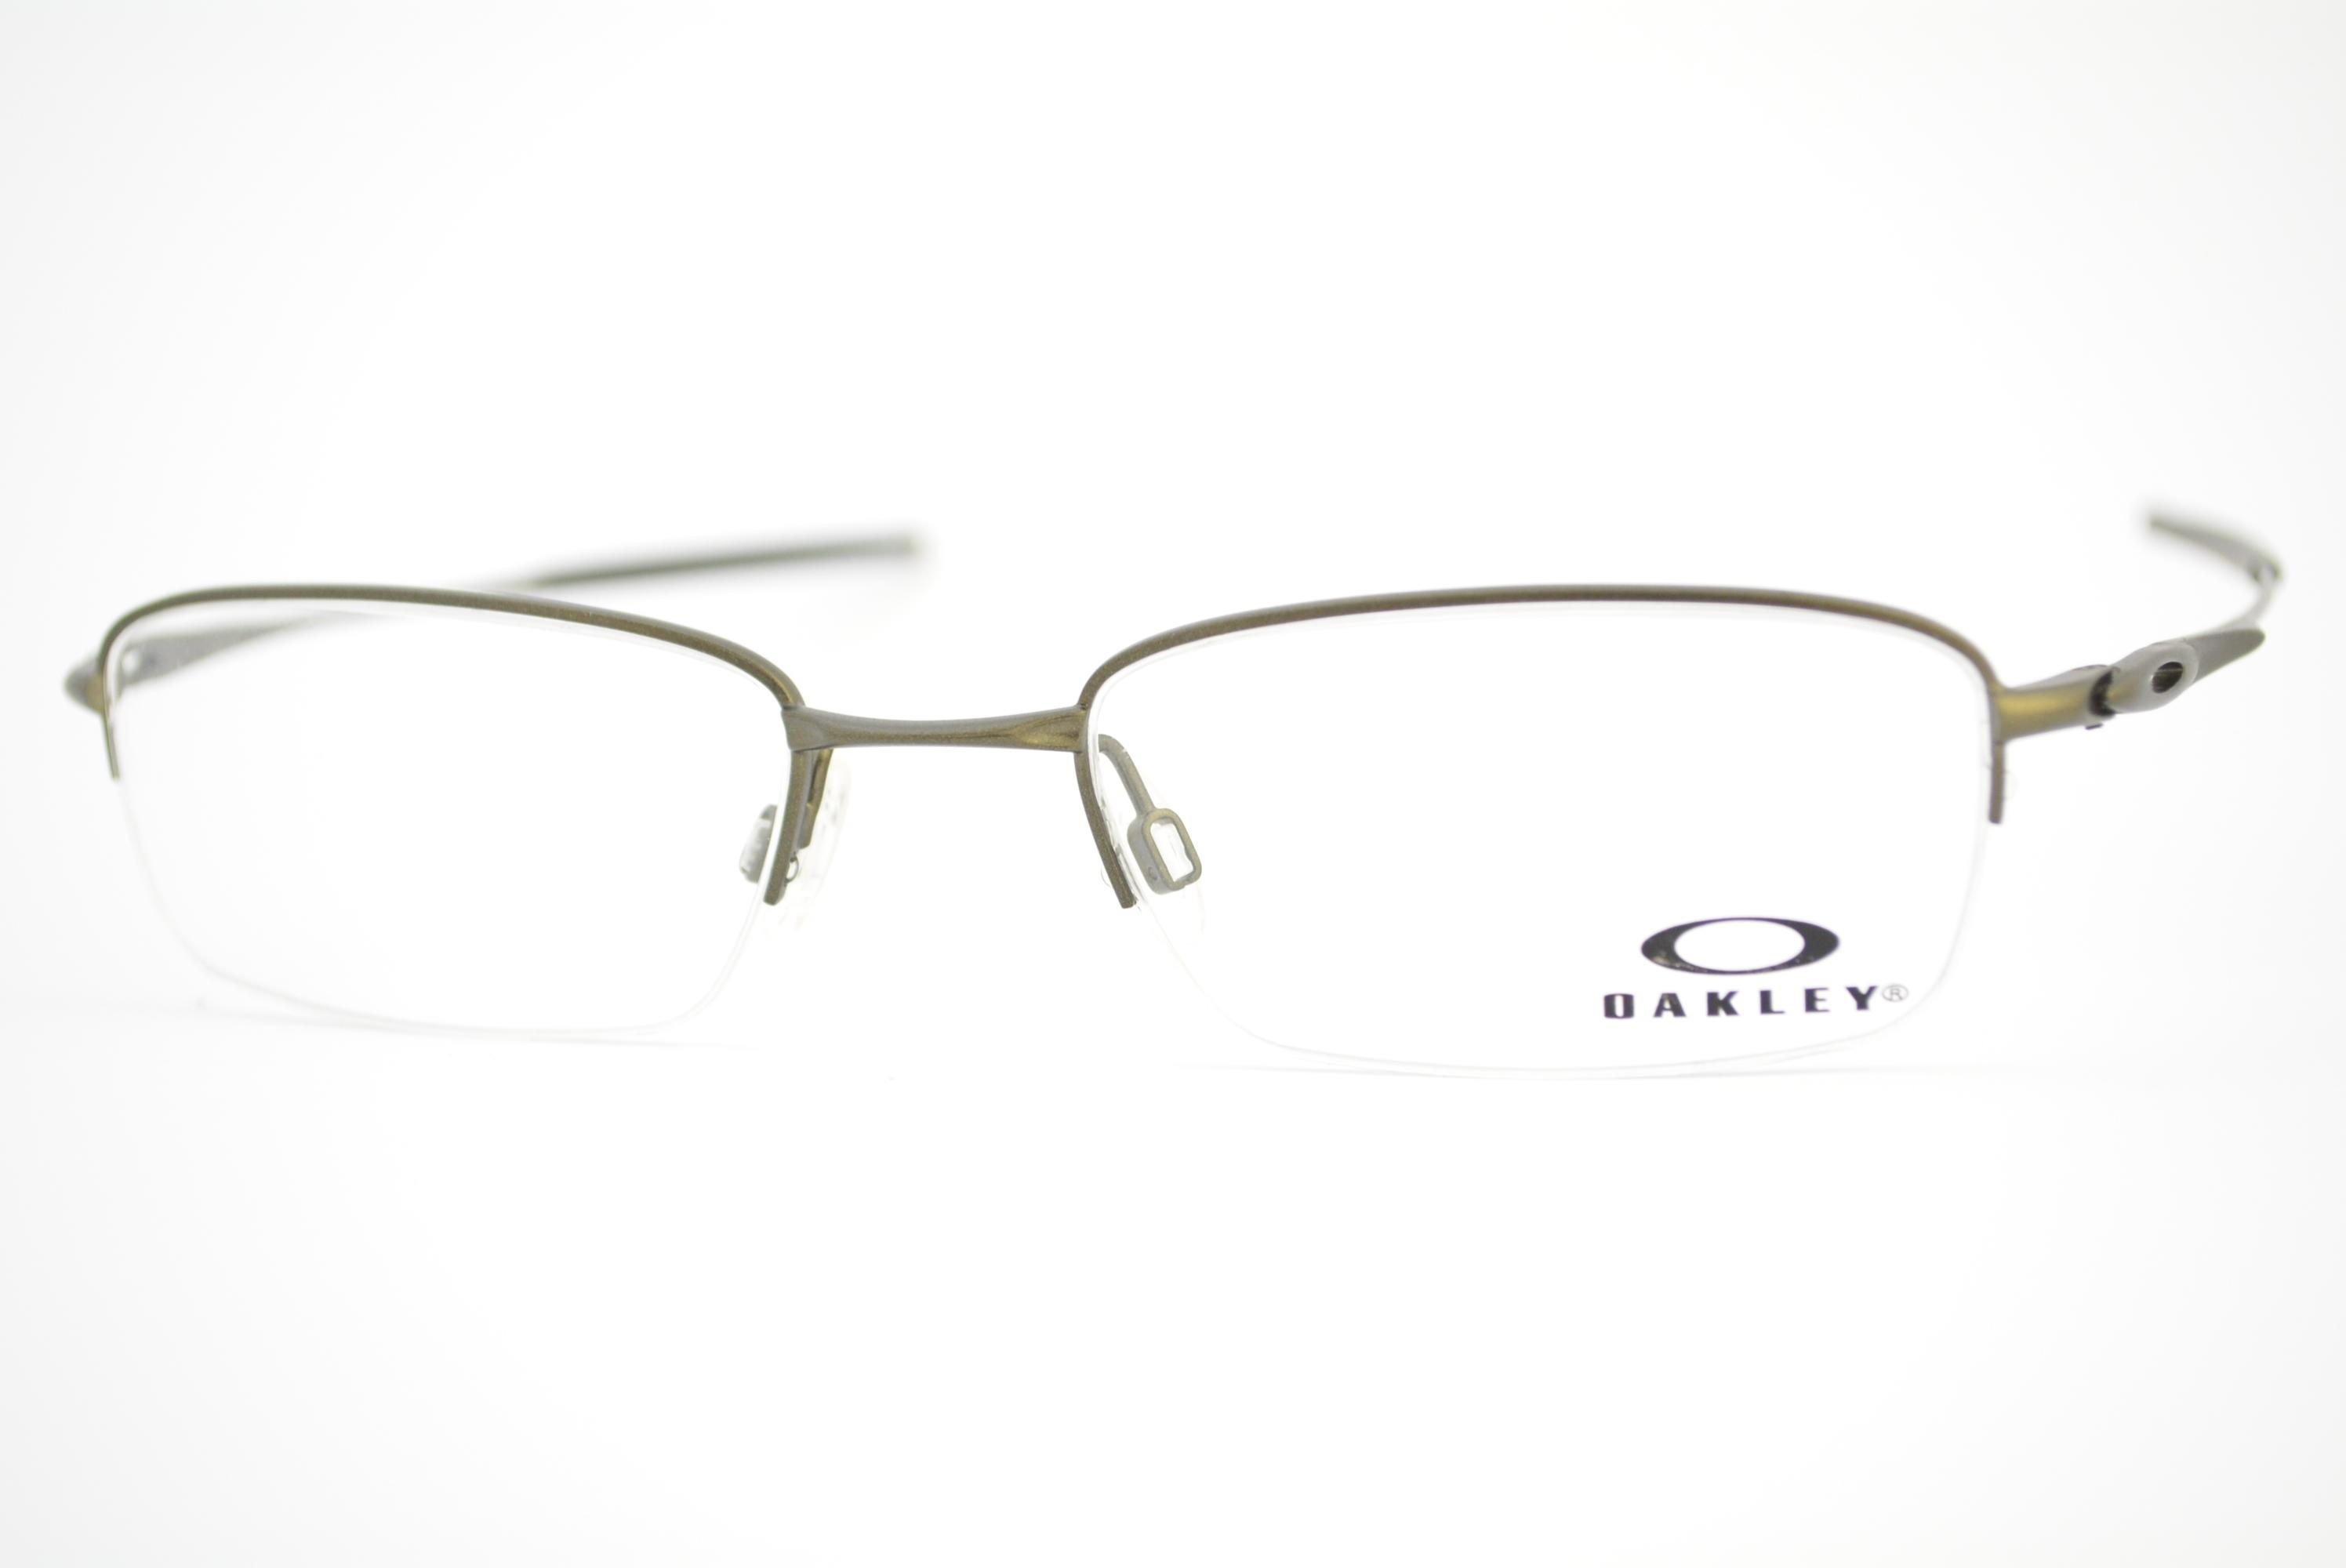 00a03314c44ff armação de óculos Oakley mod ox3133-0353 pewter Ótica Cardoso